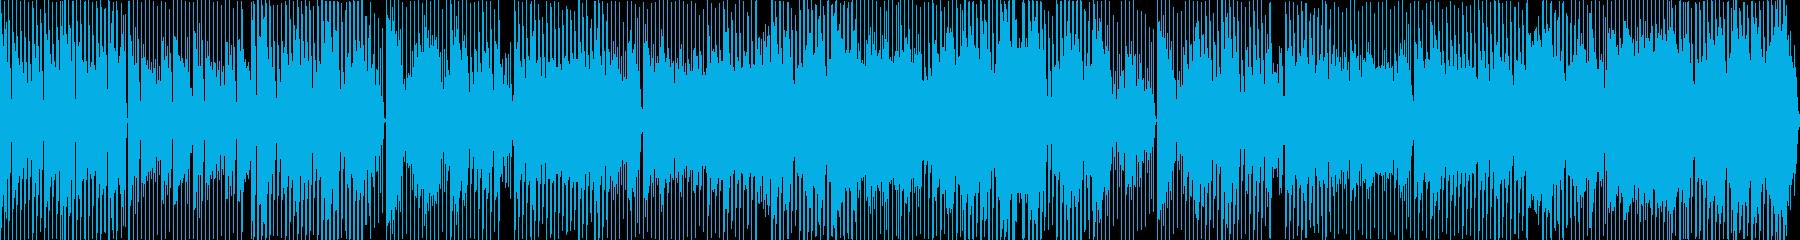 日常をイメージしたほのぼのテクノポップの再生済みの波形